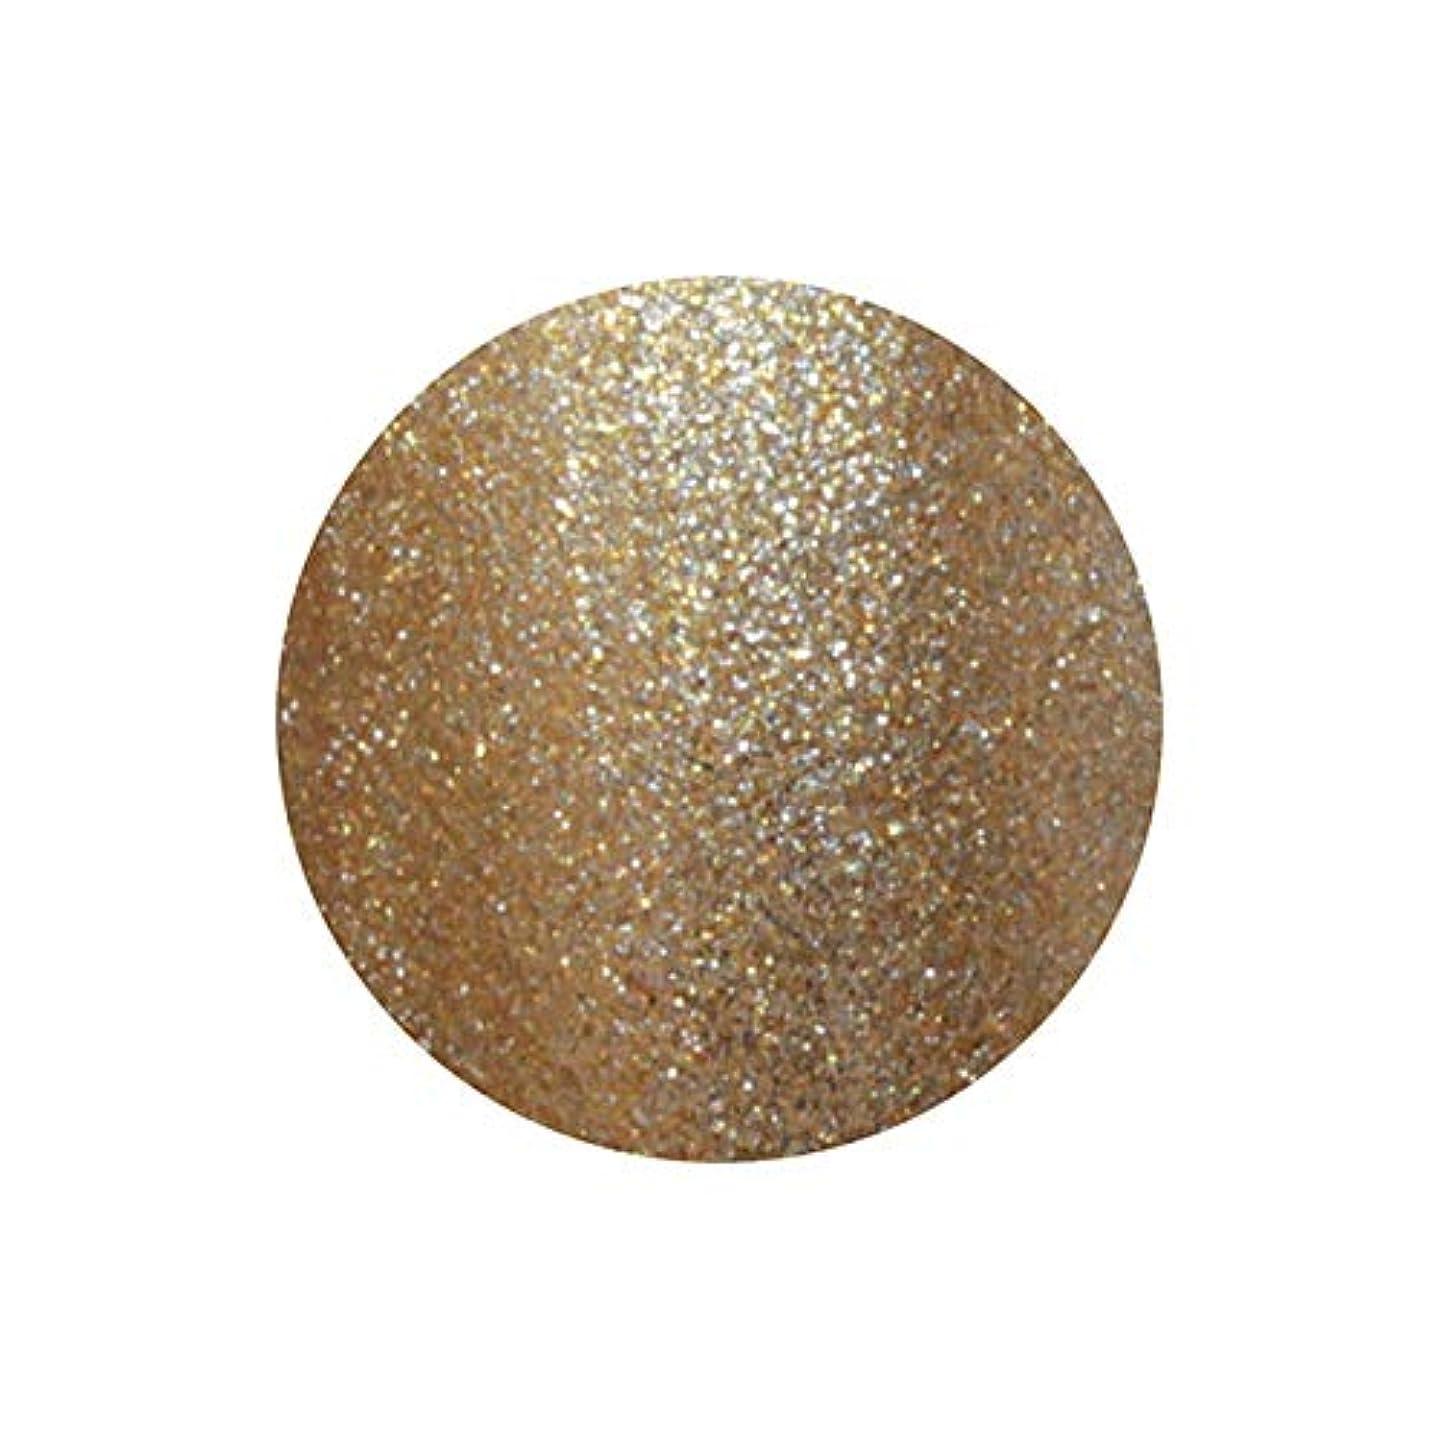 近々ヨーロッパトーナメント【NEW】T-GEL COLLECTION TINY T001 ゴールド 8ml